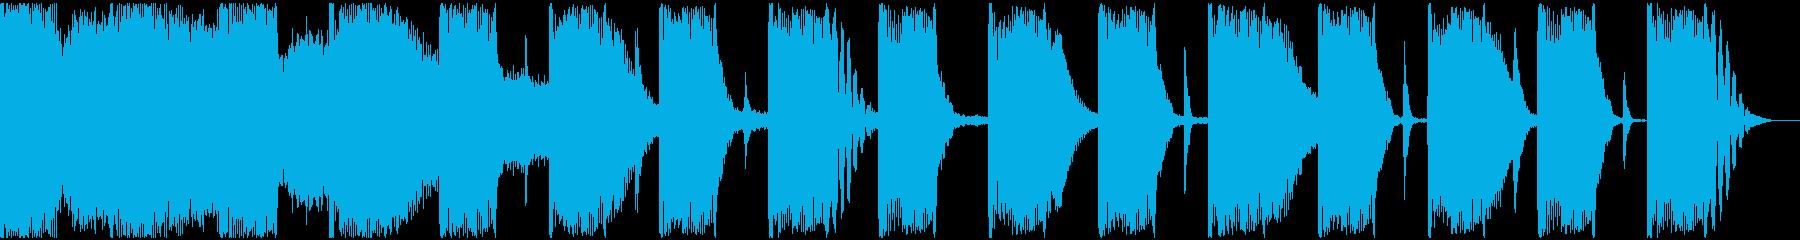 【エレクトロニカ】ロング2、ショート1の再生済みの波形